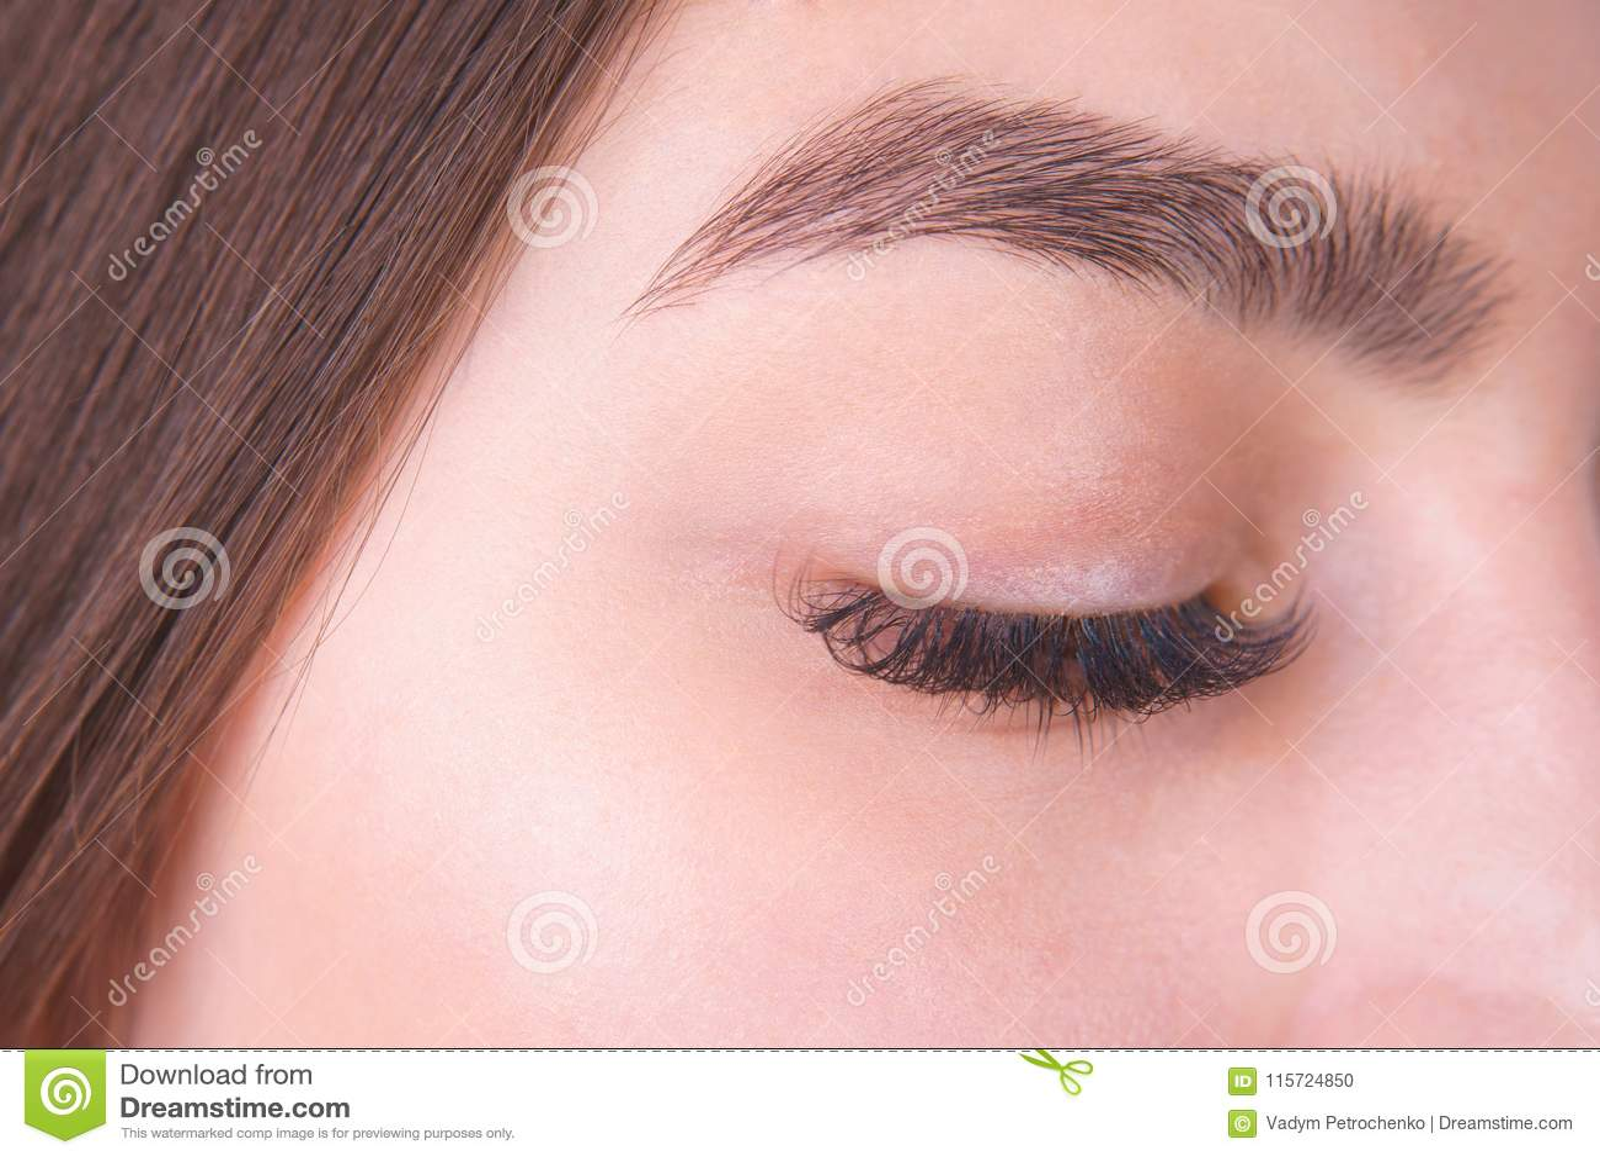 Zamknięty żeński oko z długimi rzęsami i piękną brwią, clo